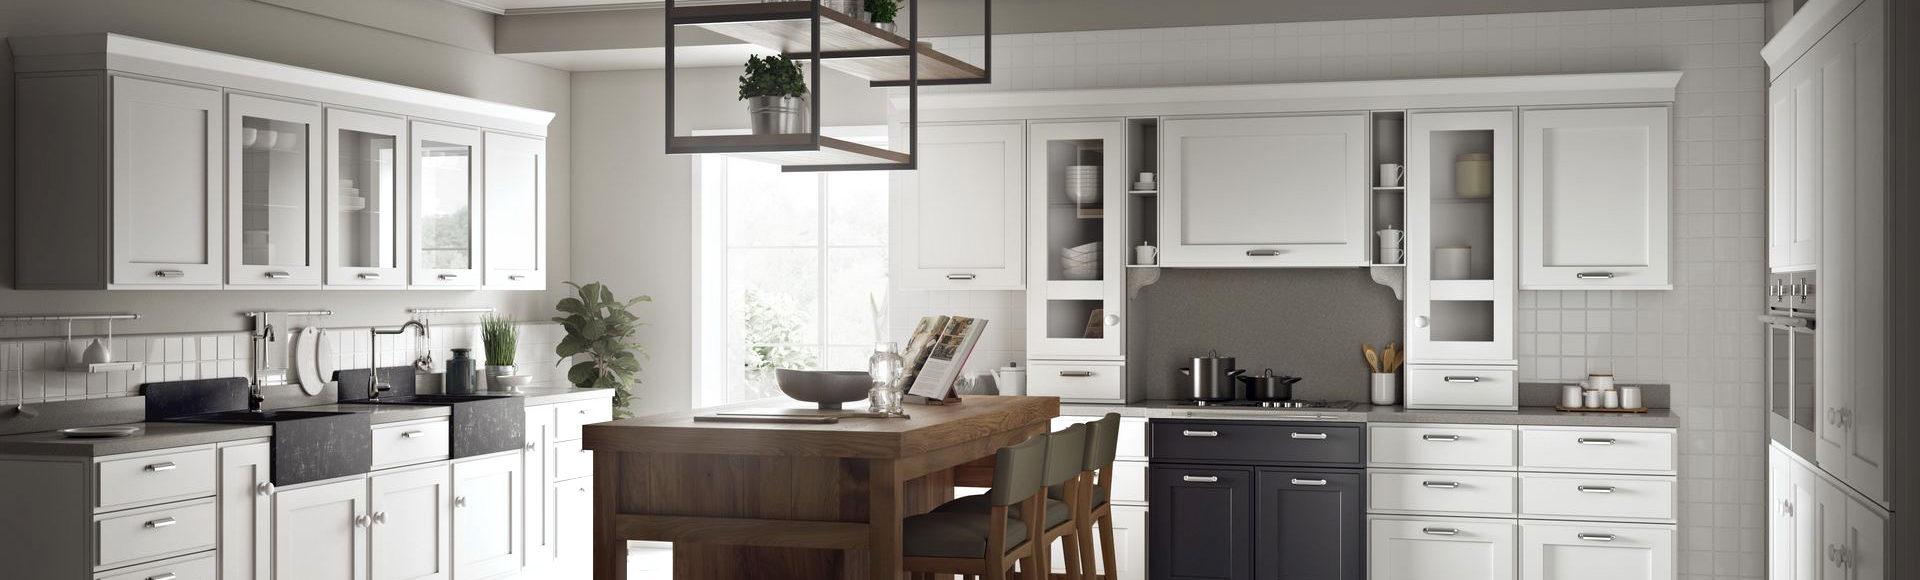 rendu 3d cuisine salle à manger architecture